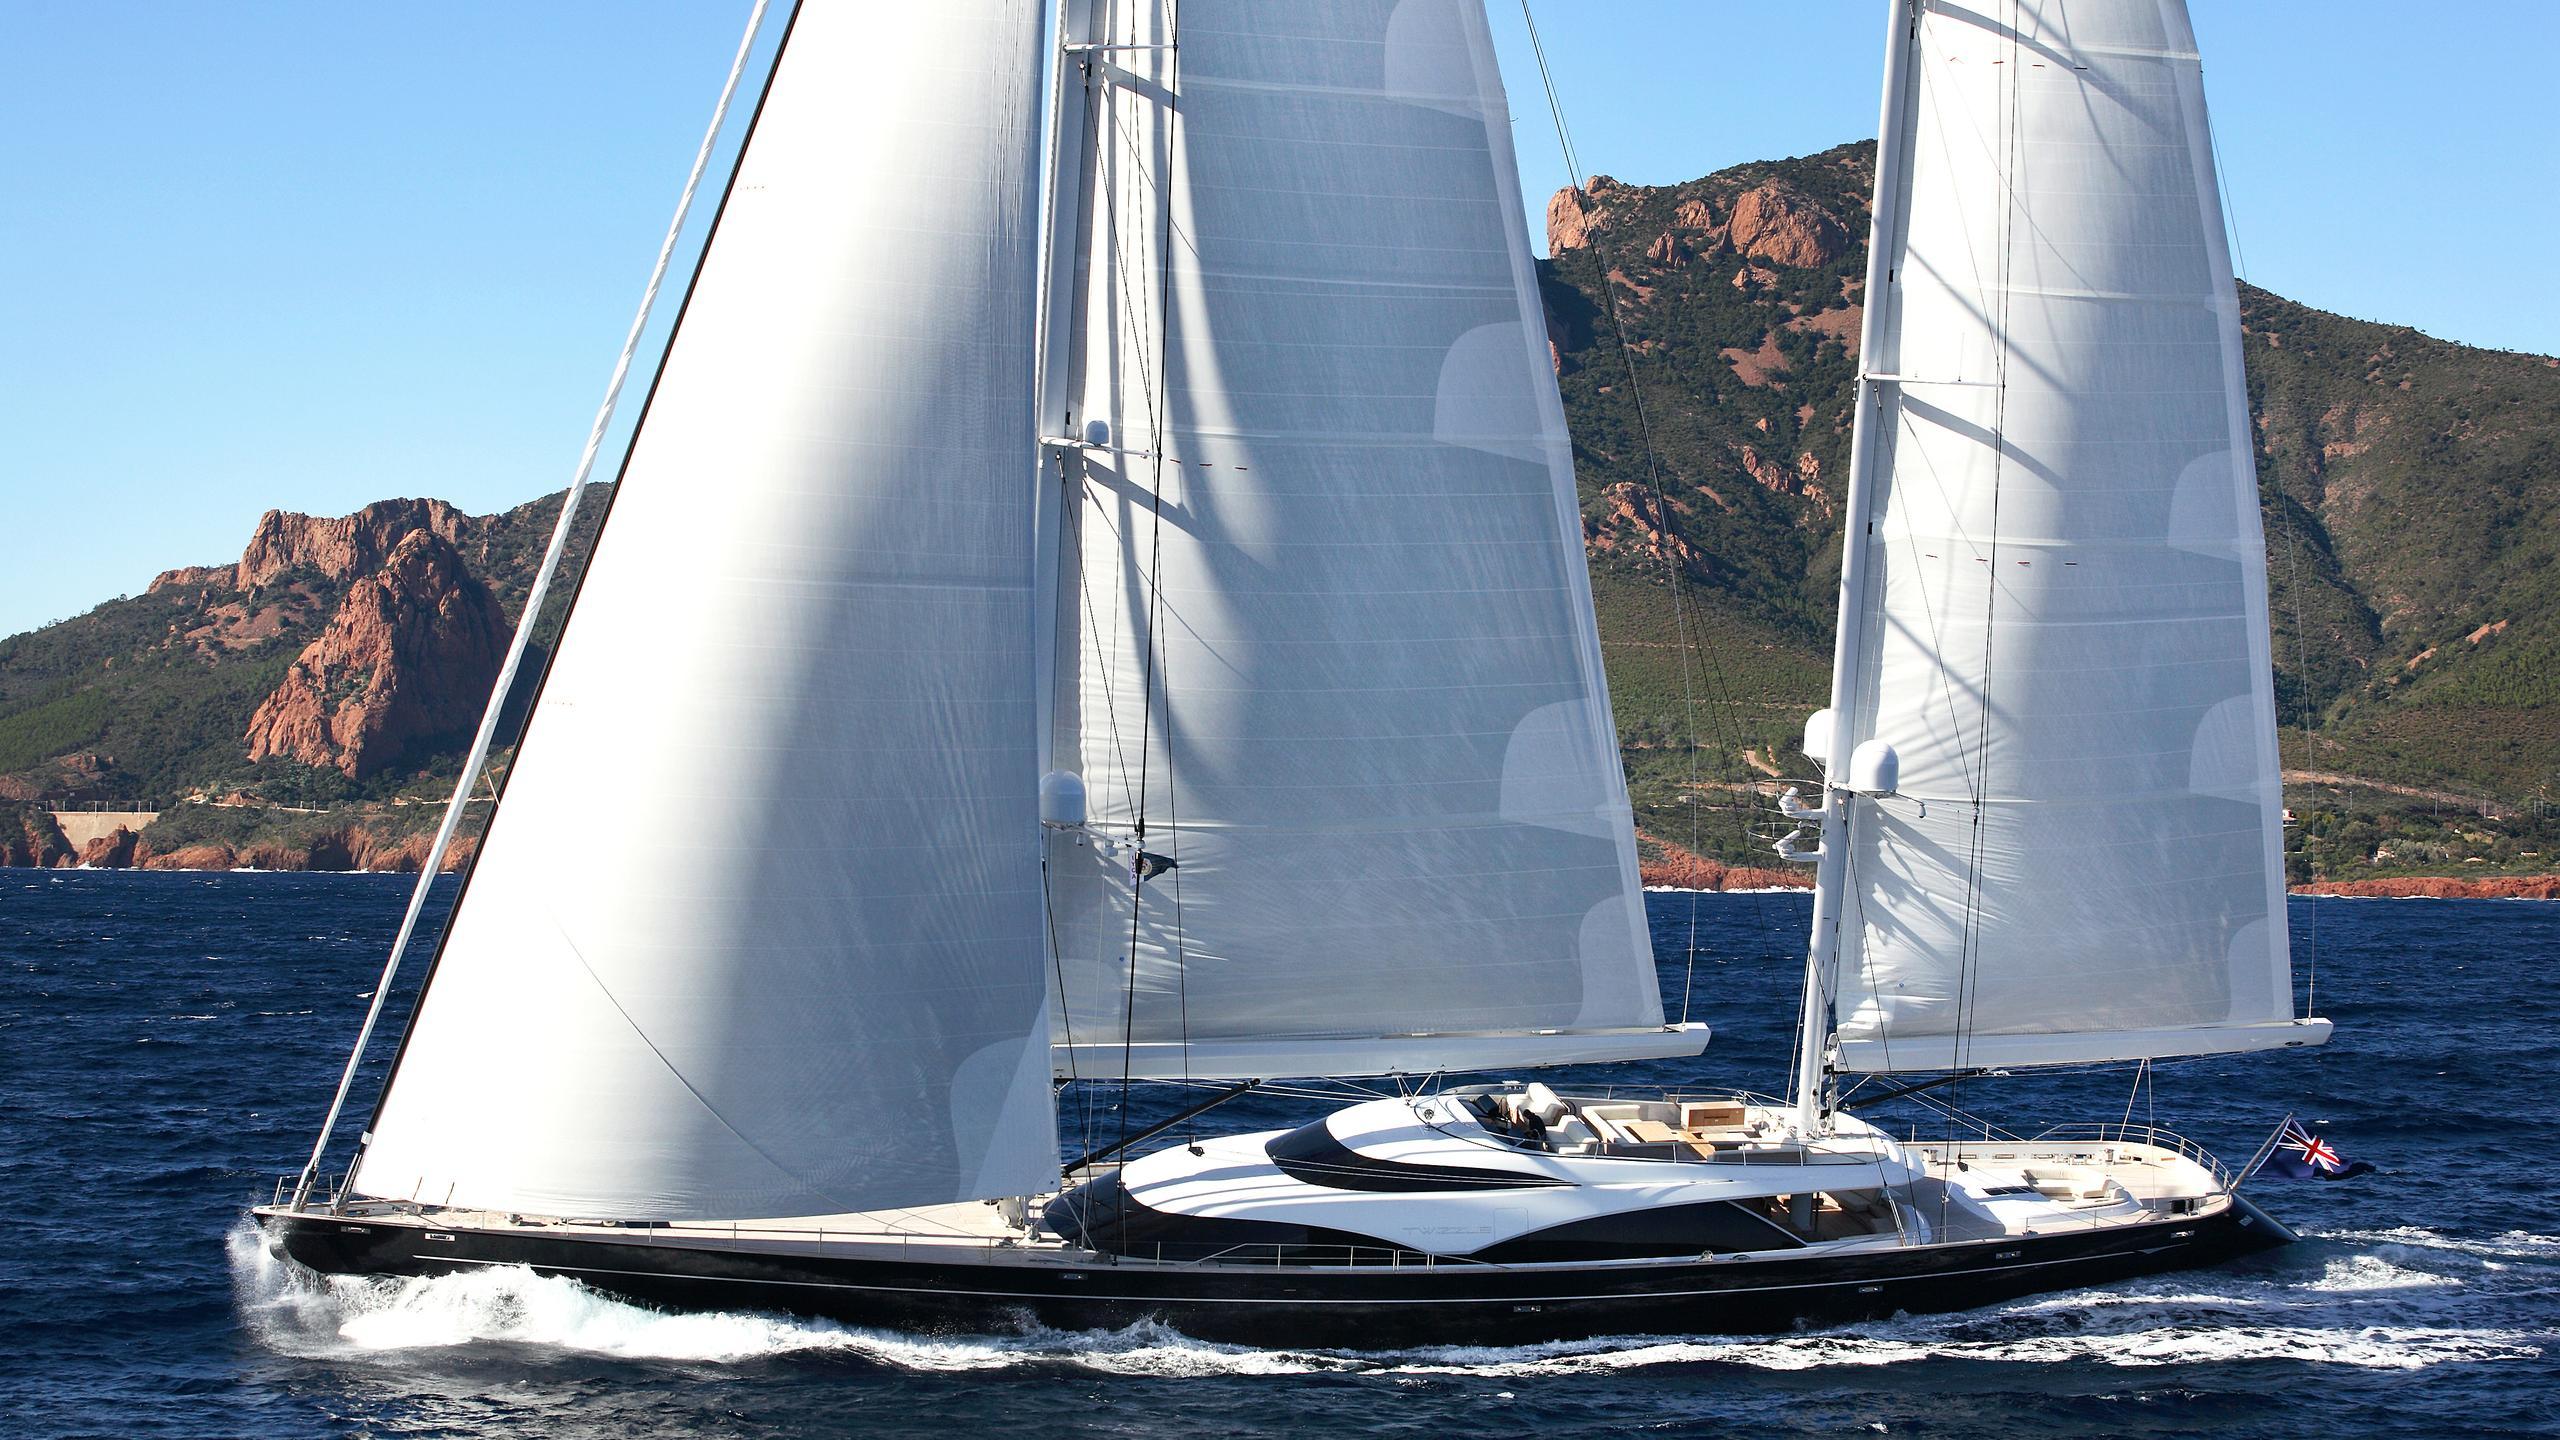 twizzle-yacht-sailing